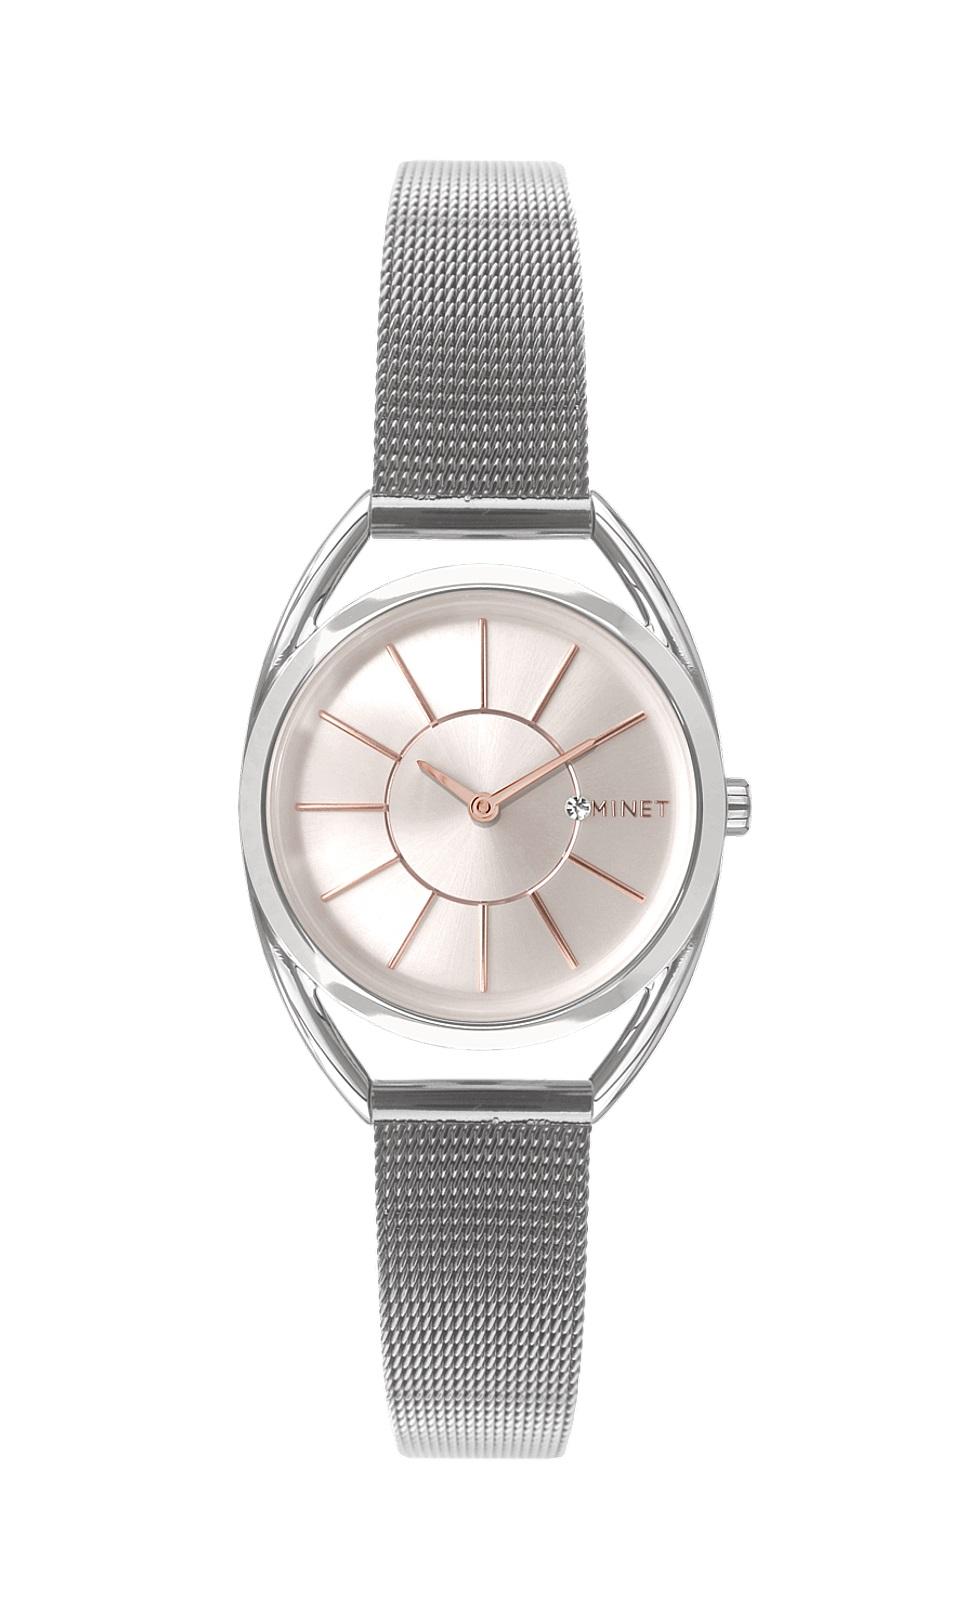 Stříbrné dámské hodinky MINET ICON SILVER ROSE MESH MWL5010 (POŠTOVNÉ ZDARMA!! )